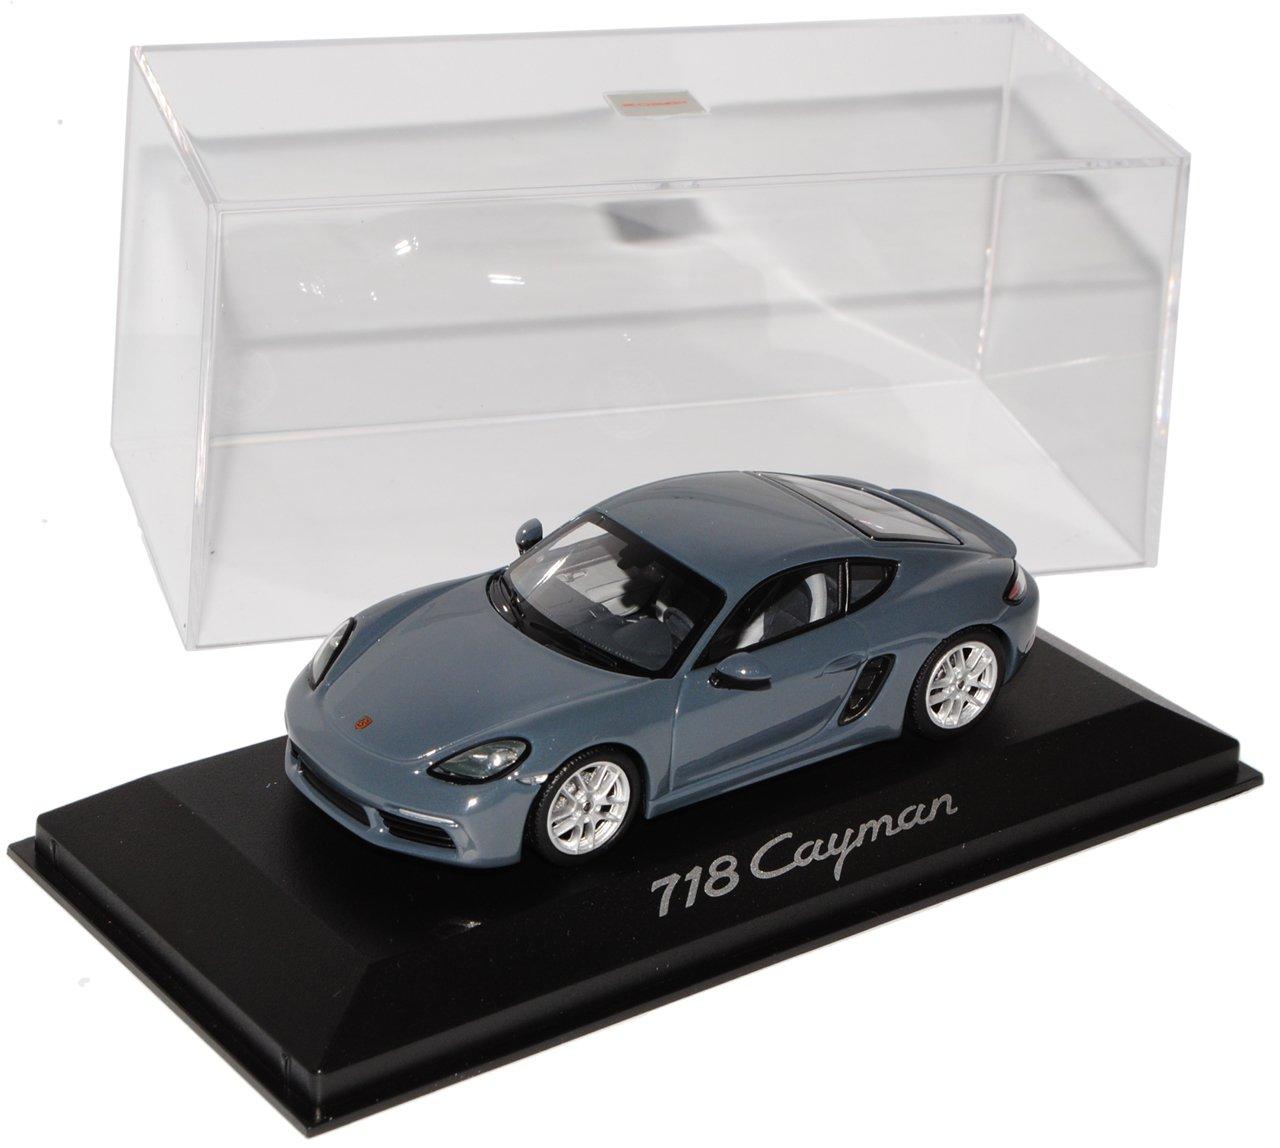 Minichamps Porsche 718 Cayman Grau Coupe Ab 2016 1/43 Modell Auto mit individiuellem Wunschkennzeichen